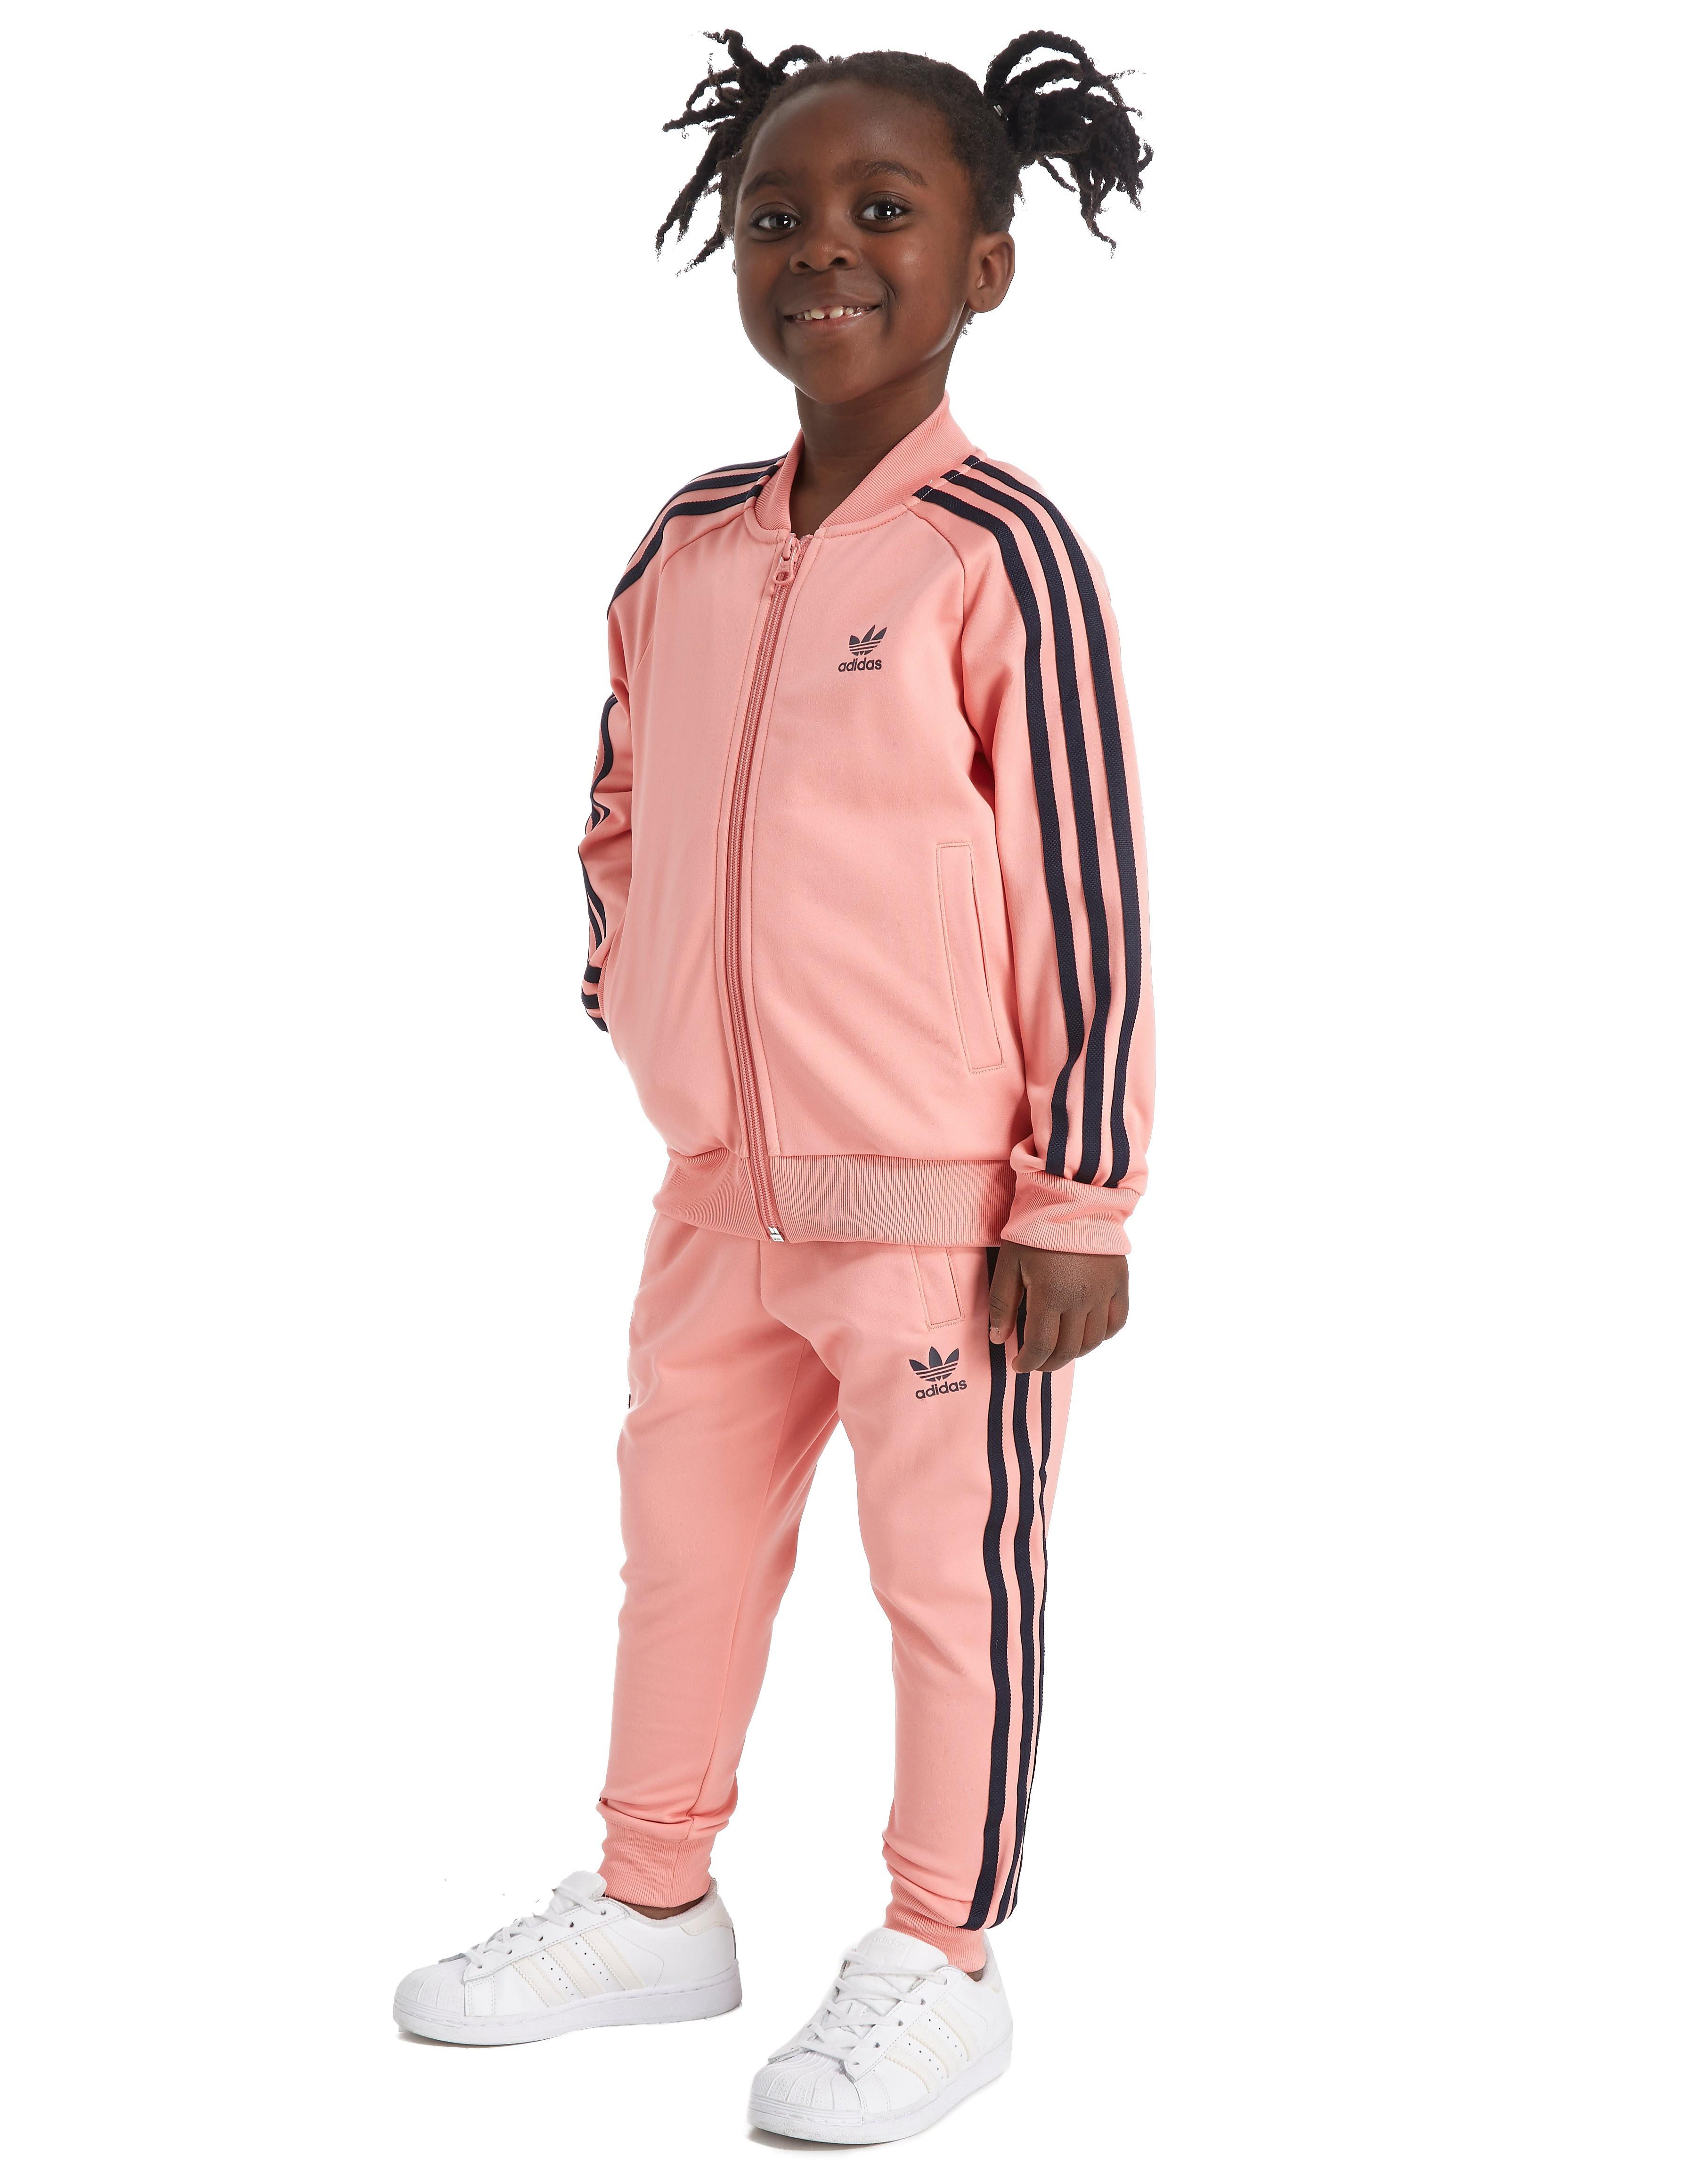 adidas Originals Girls' Superstar Tracksuit Kinderen - Roze - Kind